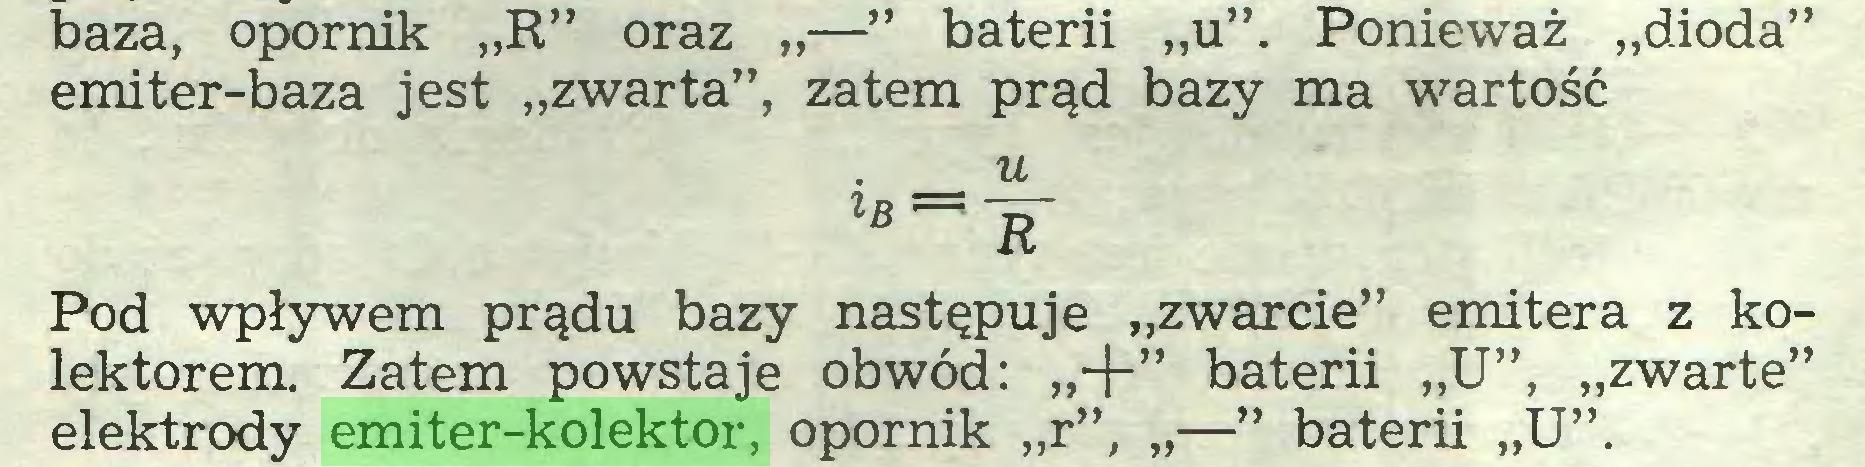 """(...) baza, opornik """"R"""" oraz """"—"""" baterii """"u"""". Ponieważ """"dioda"""" emiter-baza jest """"zwarta"""", zatem prąd bazy ma wartość u lB~~ R~ Pod wpływem prądu bazy następuje """"zwarcie"""" emitera z kolektorem. Zatem powstaje obwód: """"+"""" baterii """"U"""", """"zwarte"""" elektrody emiter-kolektor, opornik """"r"""", """"—"""" baterii """"U""""..."""